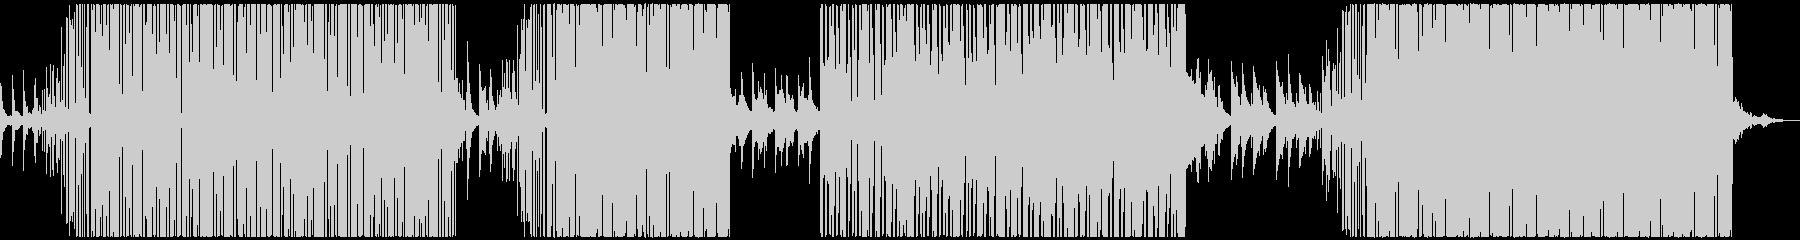 エレクトロニカ/切ない/ノスタルジックの未再生の波形